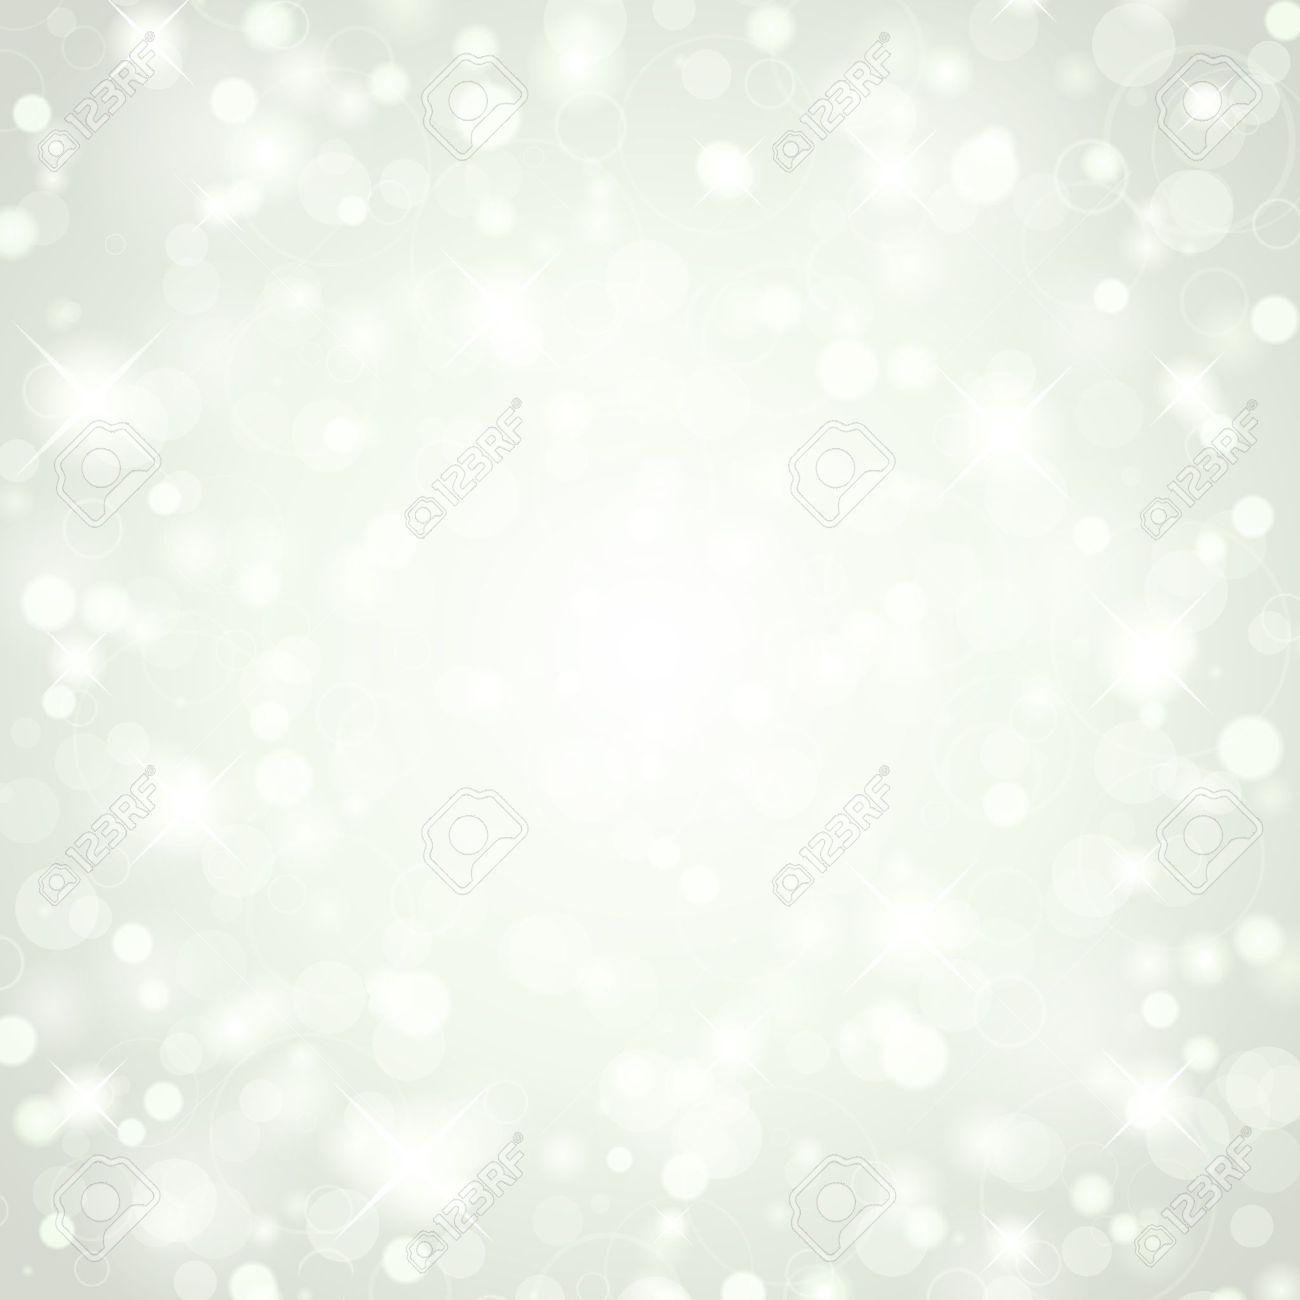 Lens flare light background Stock Vector - 10671096